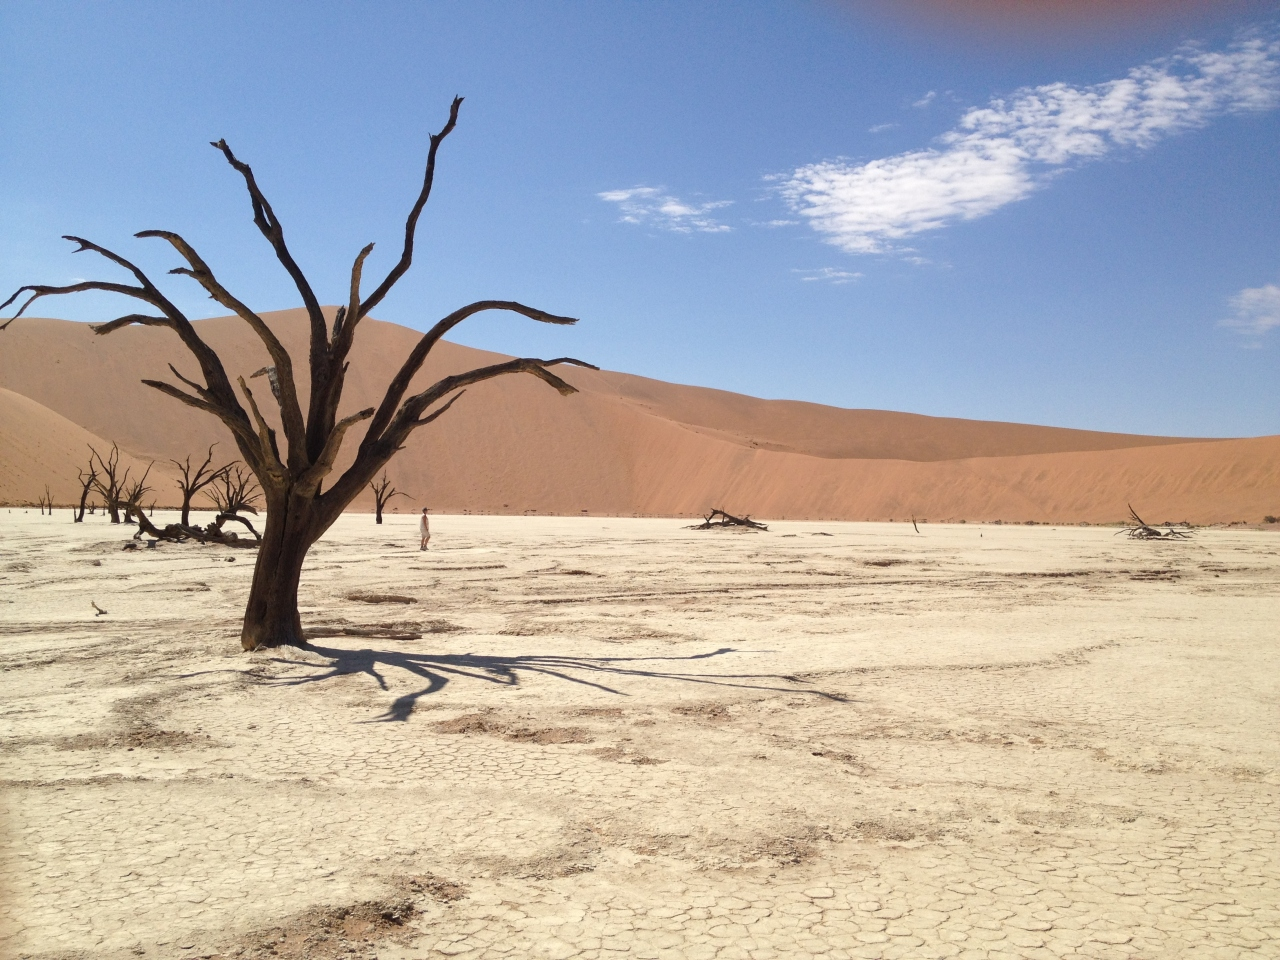 ナミブ砂漠の画像 p1_28